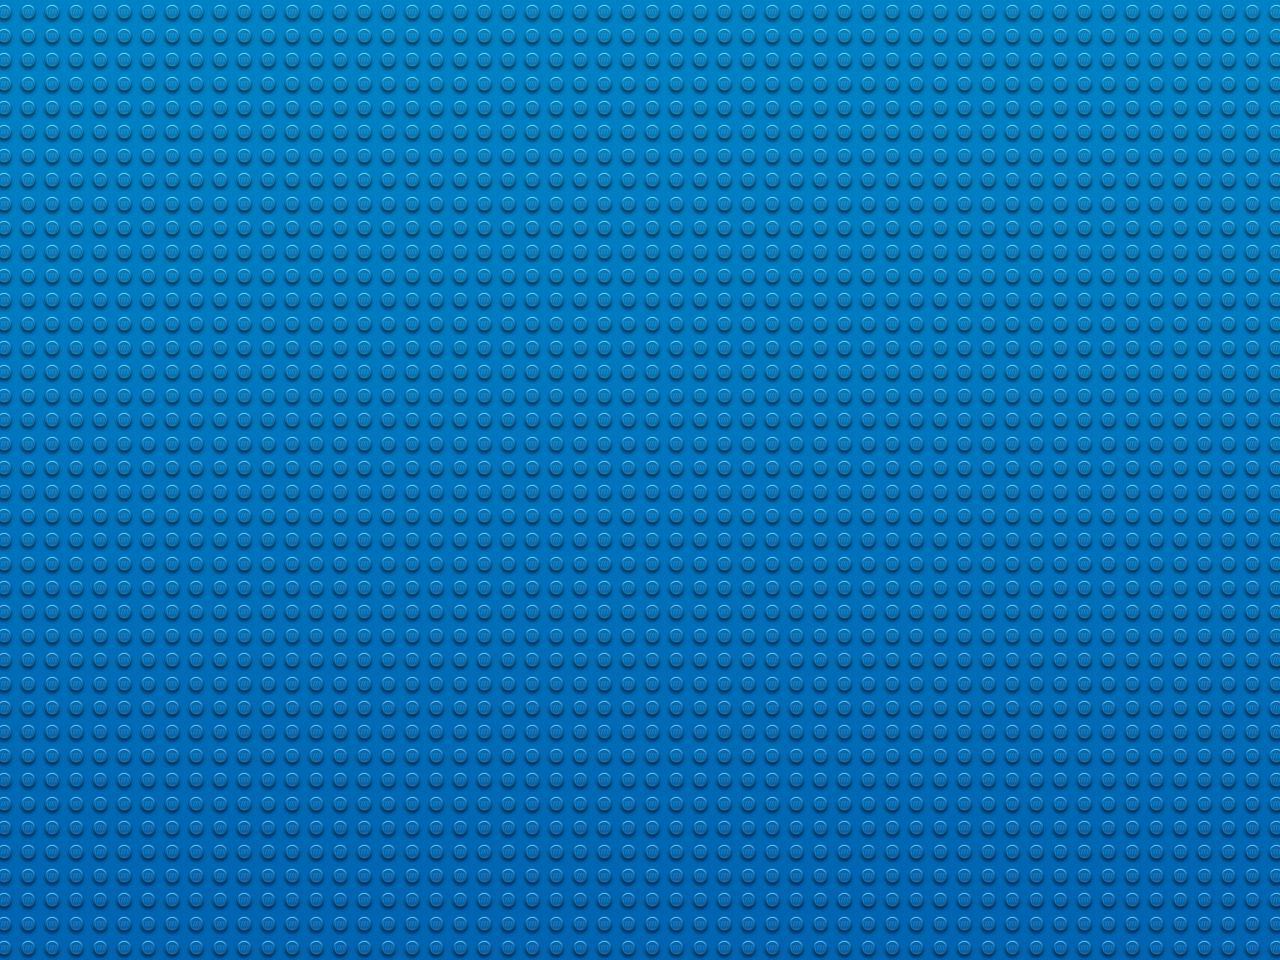 画像 レゴ壁紙 青 ベクトル 円背景を指す テクスチャの壁紙pc